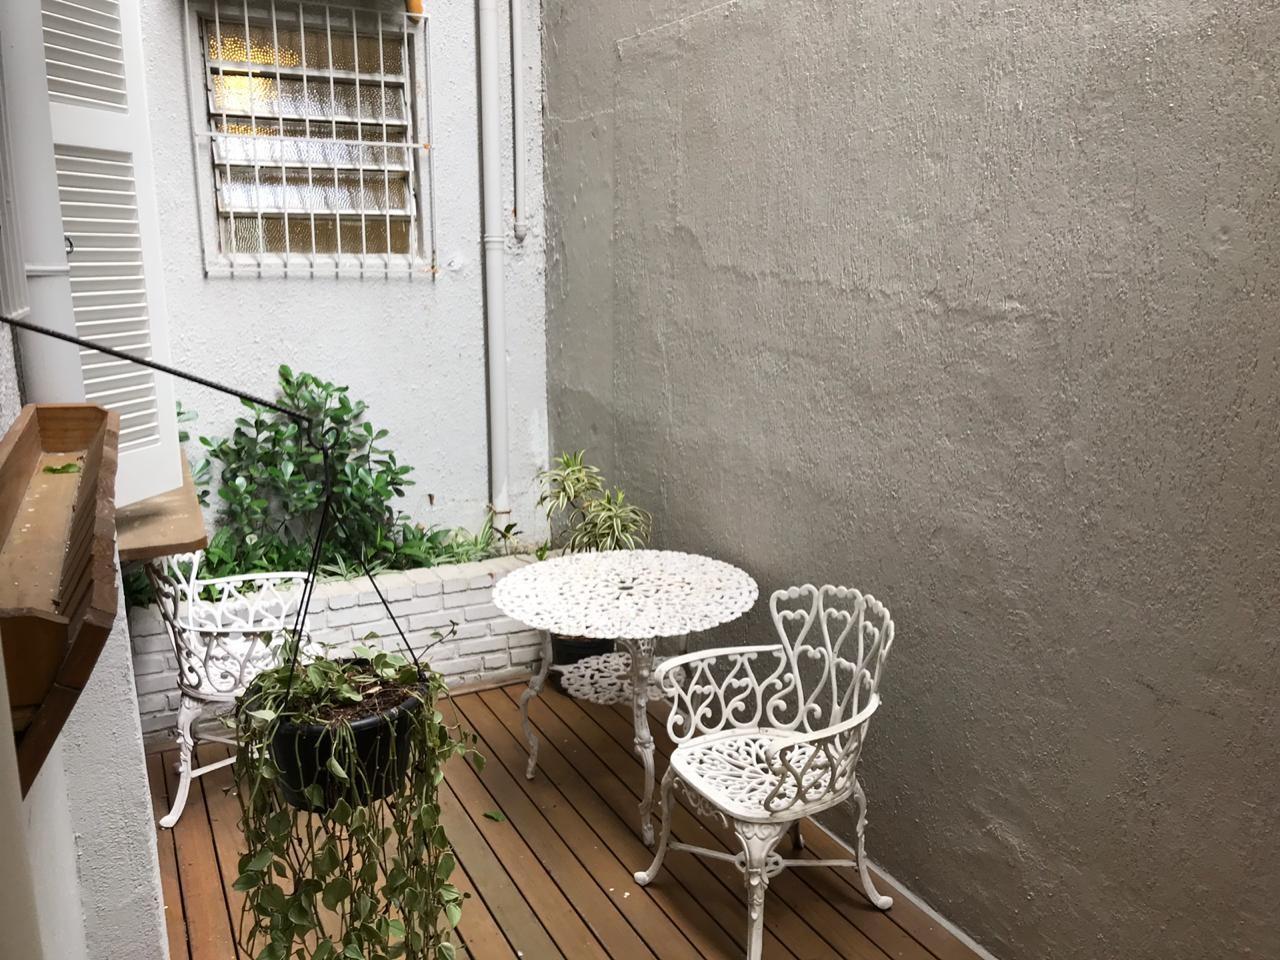 Apto 1 quarto, 50 m²  no bairro CIDADE BAIXA em PORTO ALEGRE/RS - Loja Imobiliária o seu portal de imóveis de locação